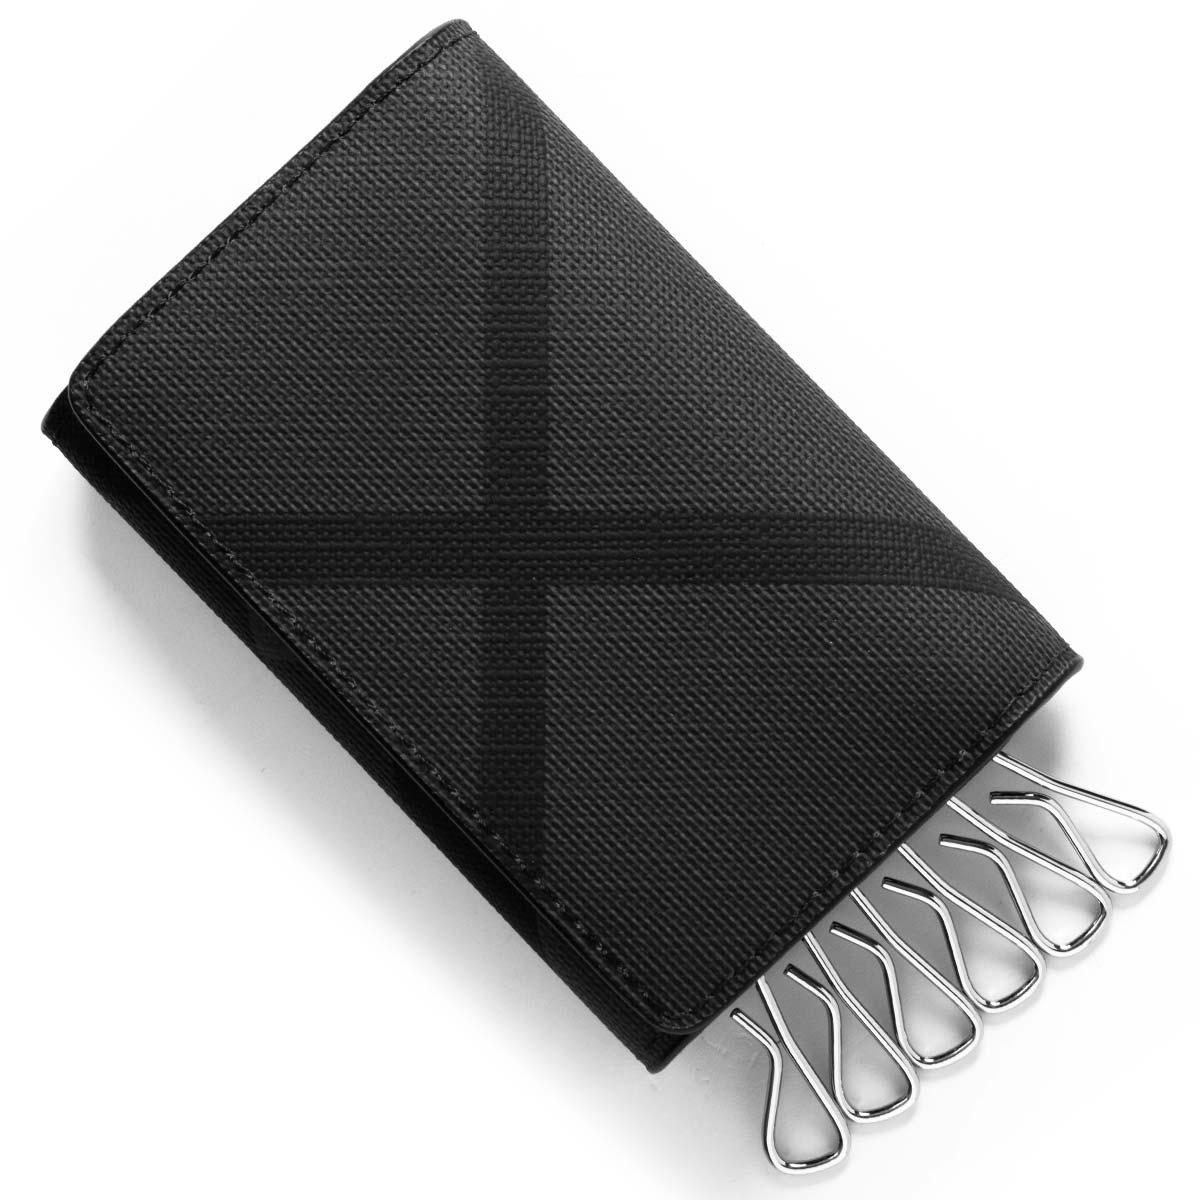 バーバリー キーケース メンズ エバン ロンドンチェック チャコールグレー&ブラック 8006040 A1008 BURBERRY